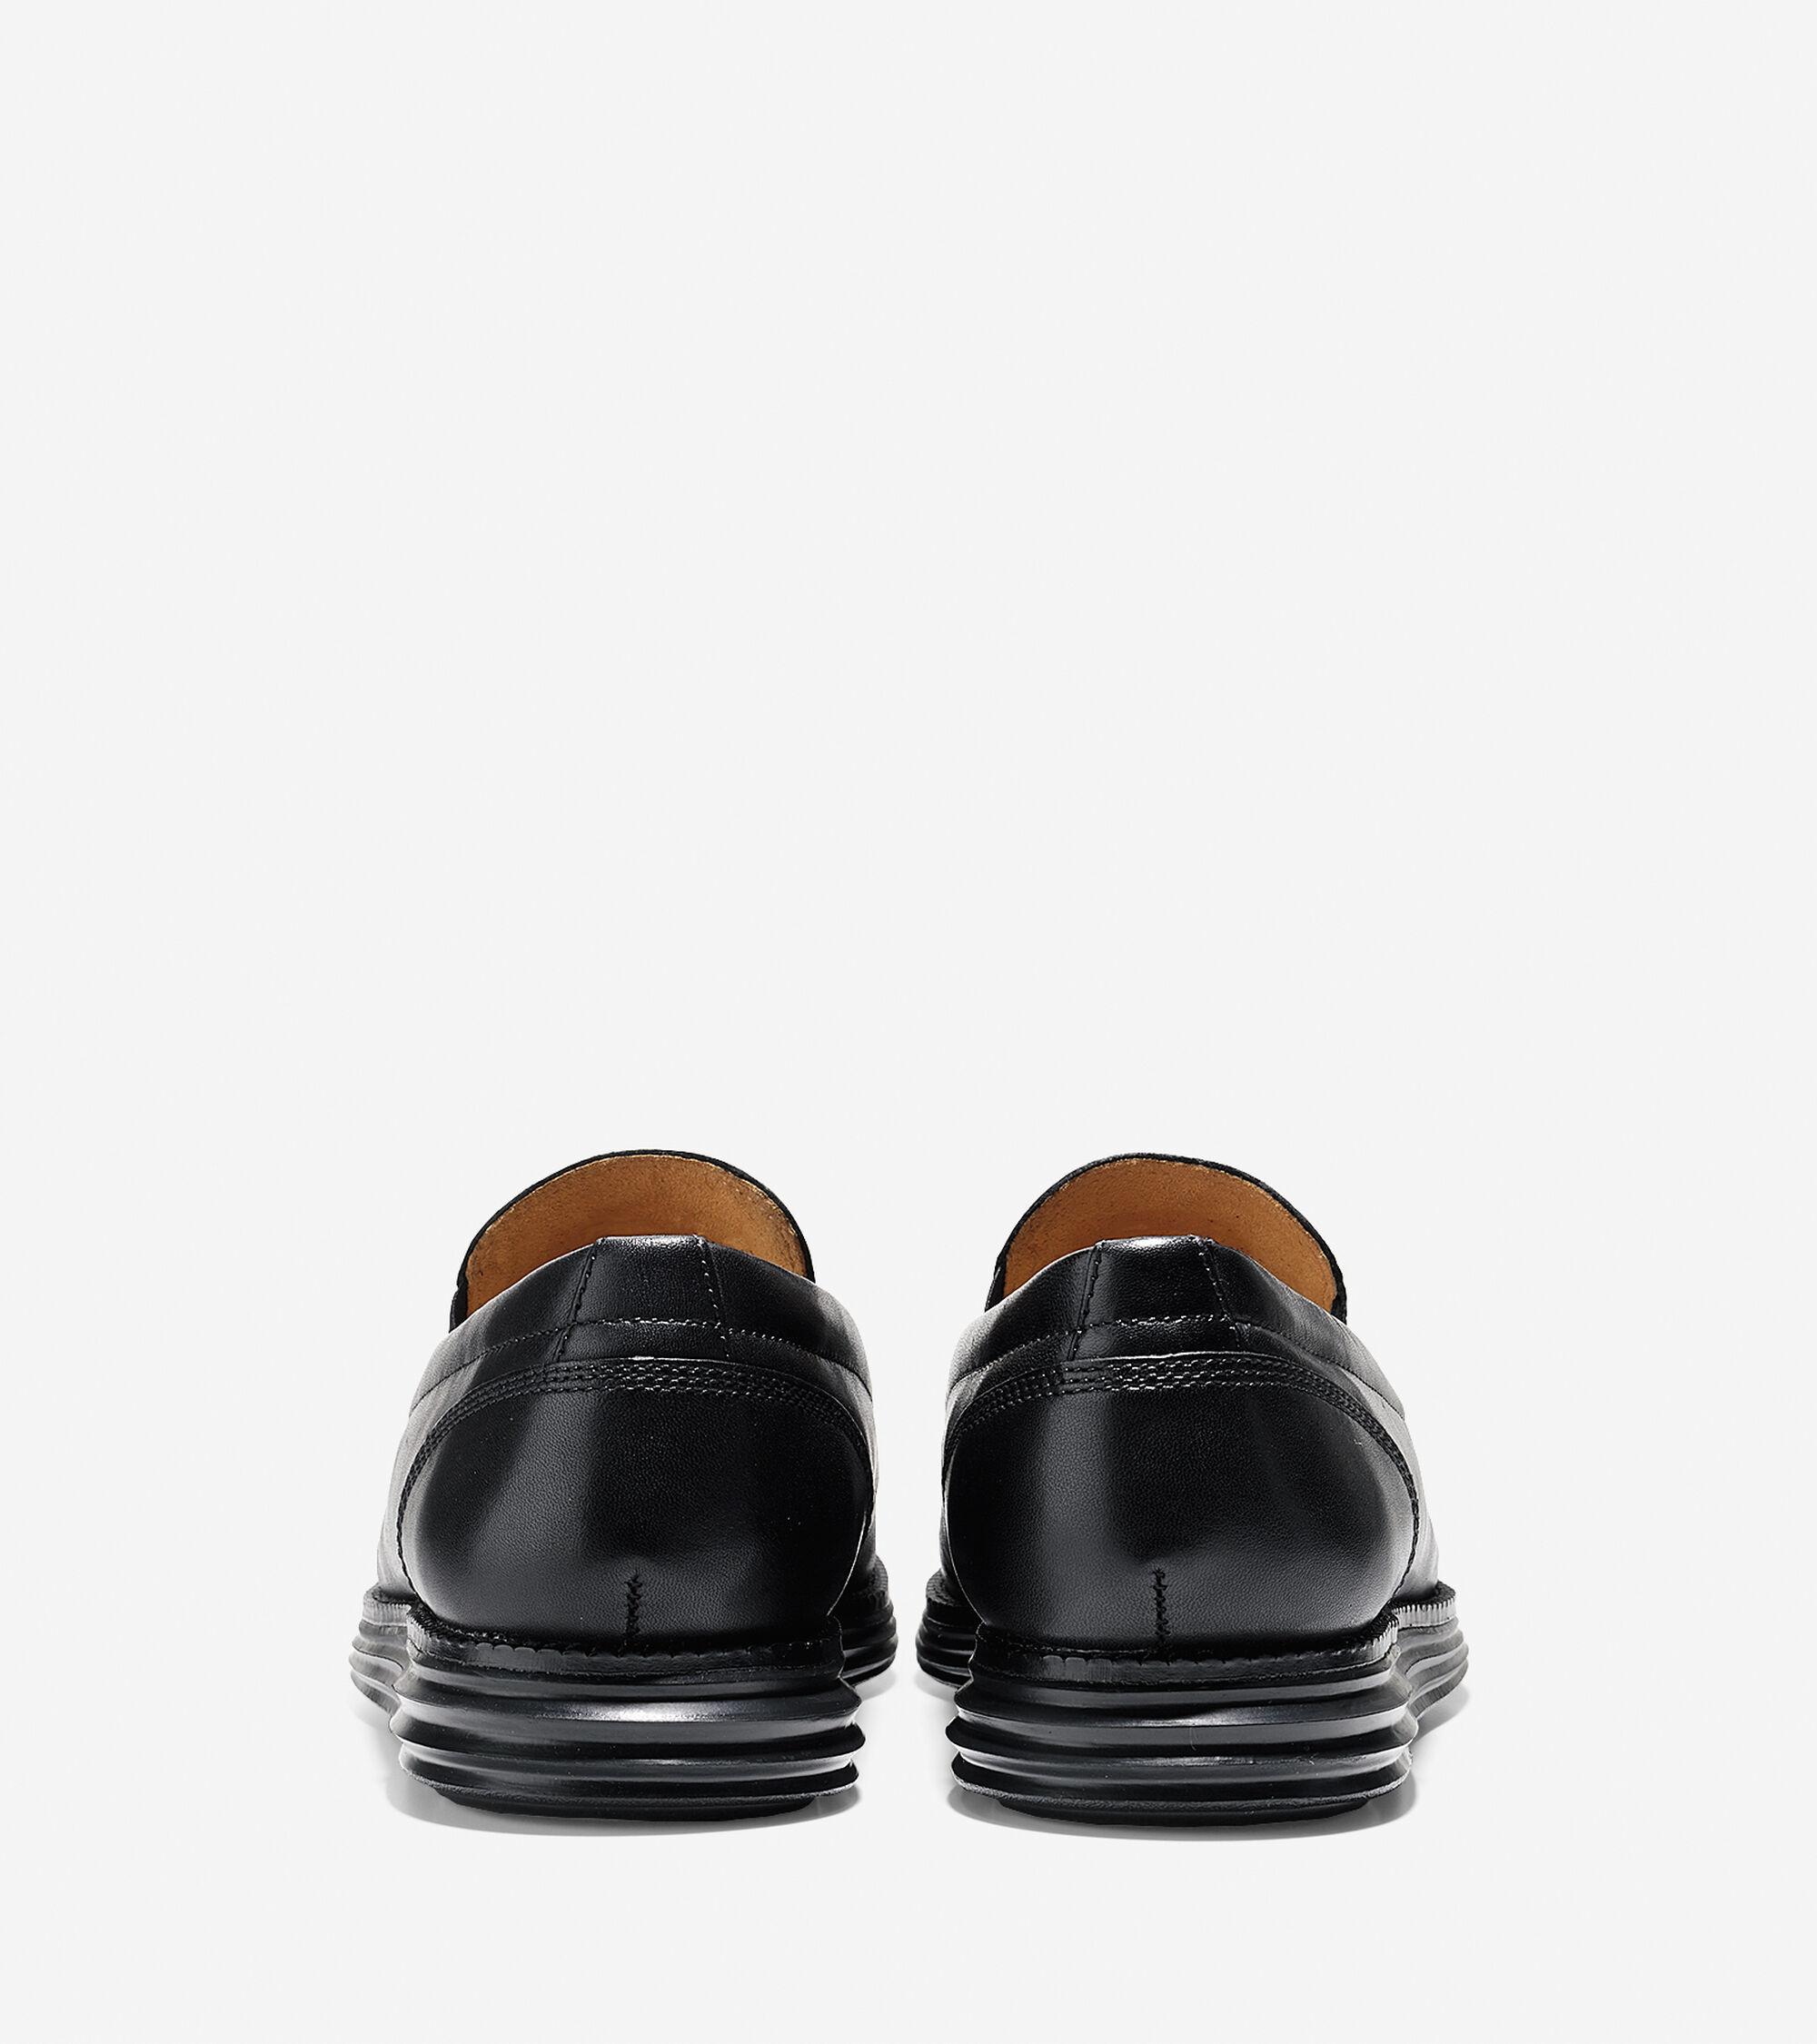 c6e93e47ae4 Men s OriginalGrand Venetian Loafers in Black